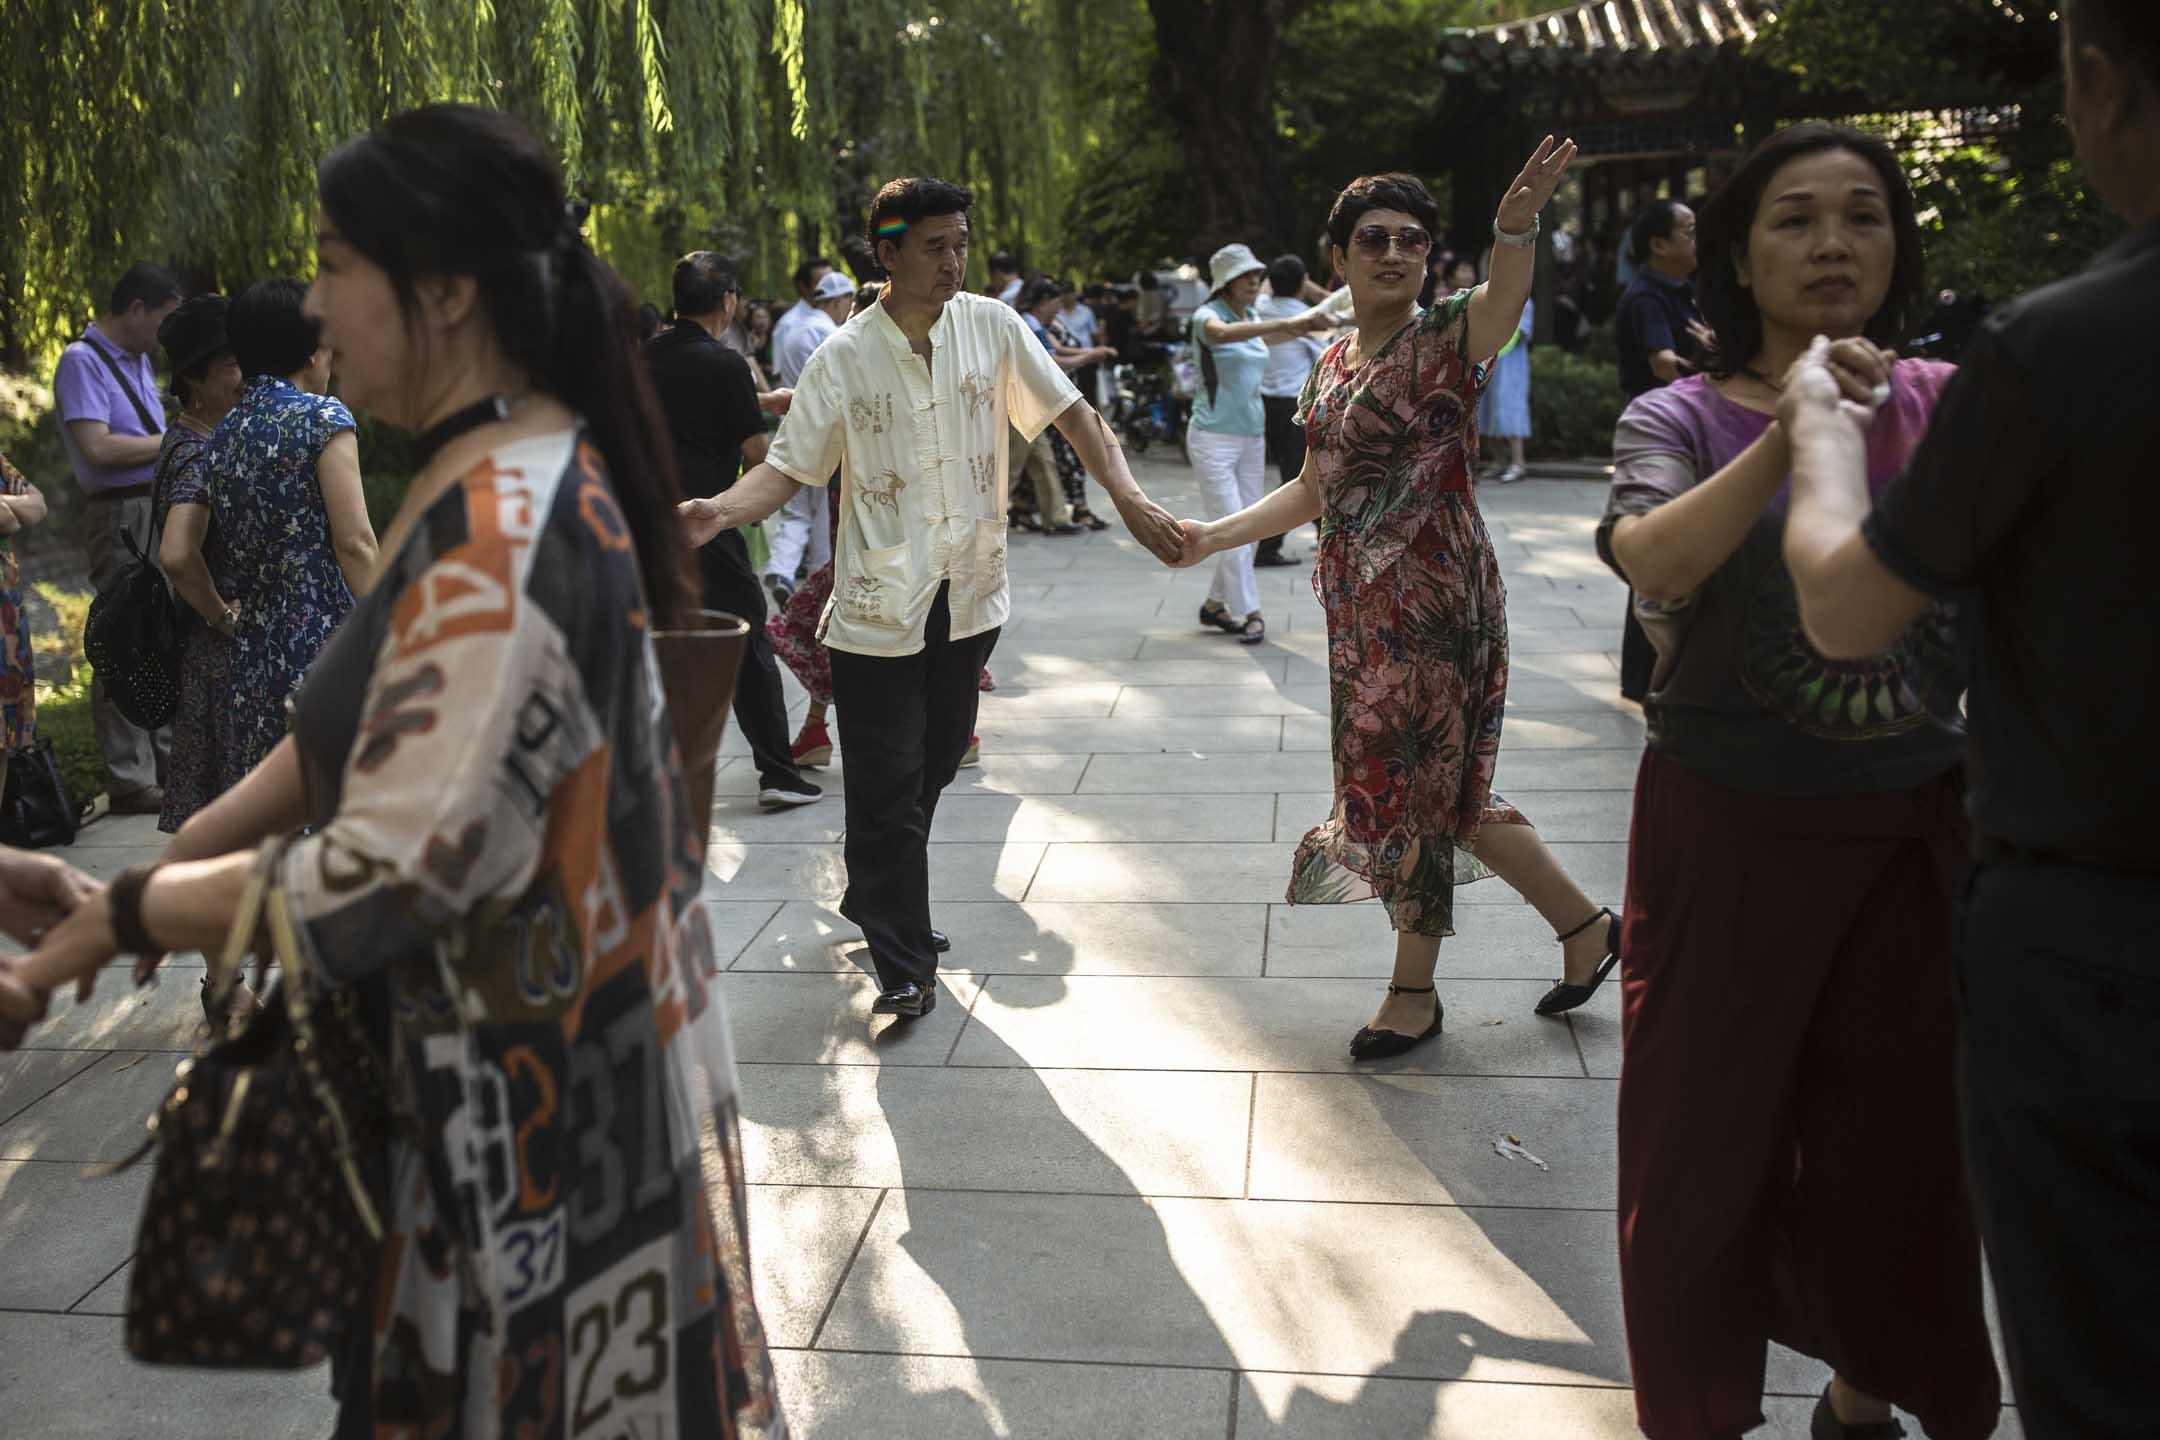 每週二及周六,菖蒲河公園都會聚集一群來此相親的中老年人,跳舞、聊天、相互打量。 攝:尹夕遠/端傳媒